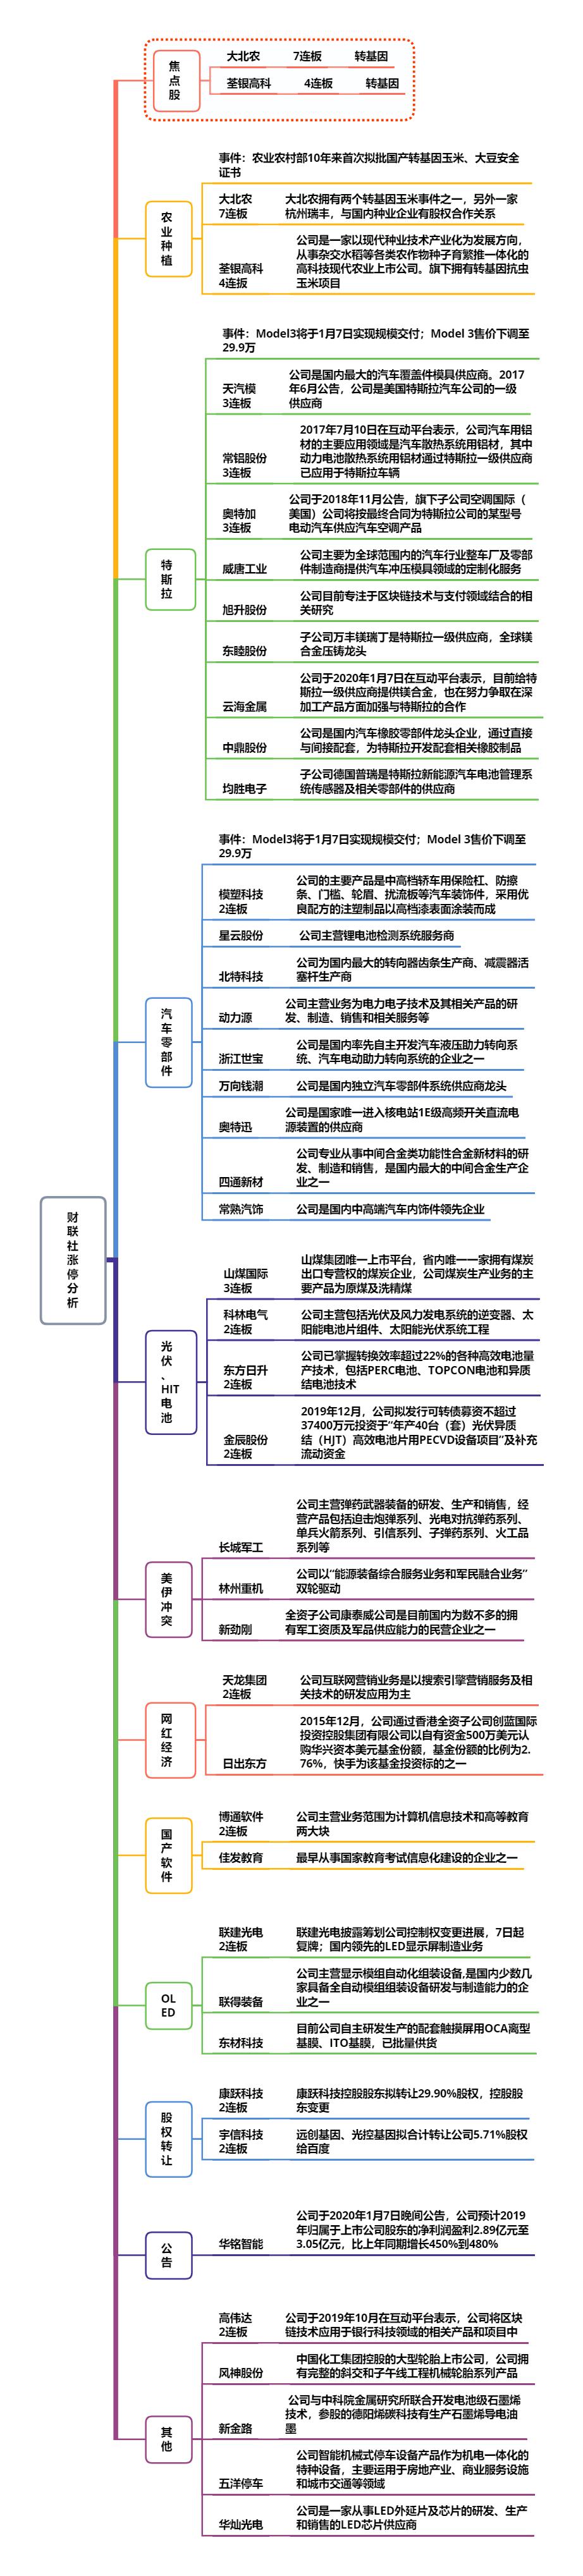 【财联社午报】三大指数弱势震荡 特斯拉概念持续走强